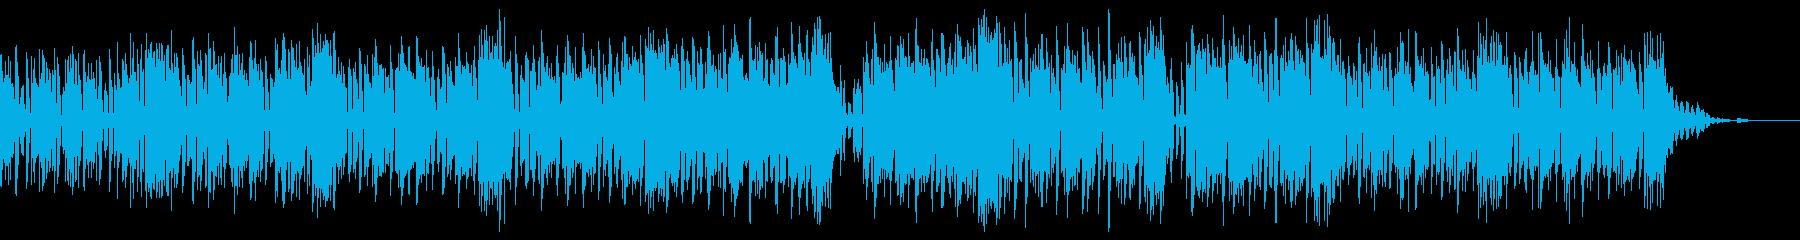 萌えなkawaiifuturebassの再生済みの波形